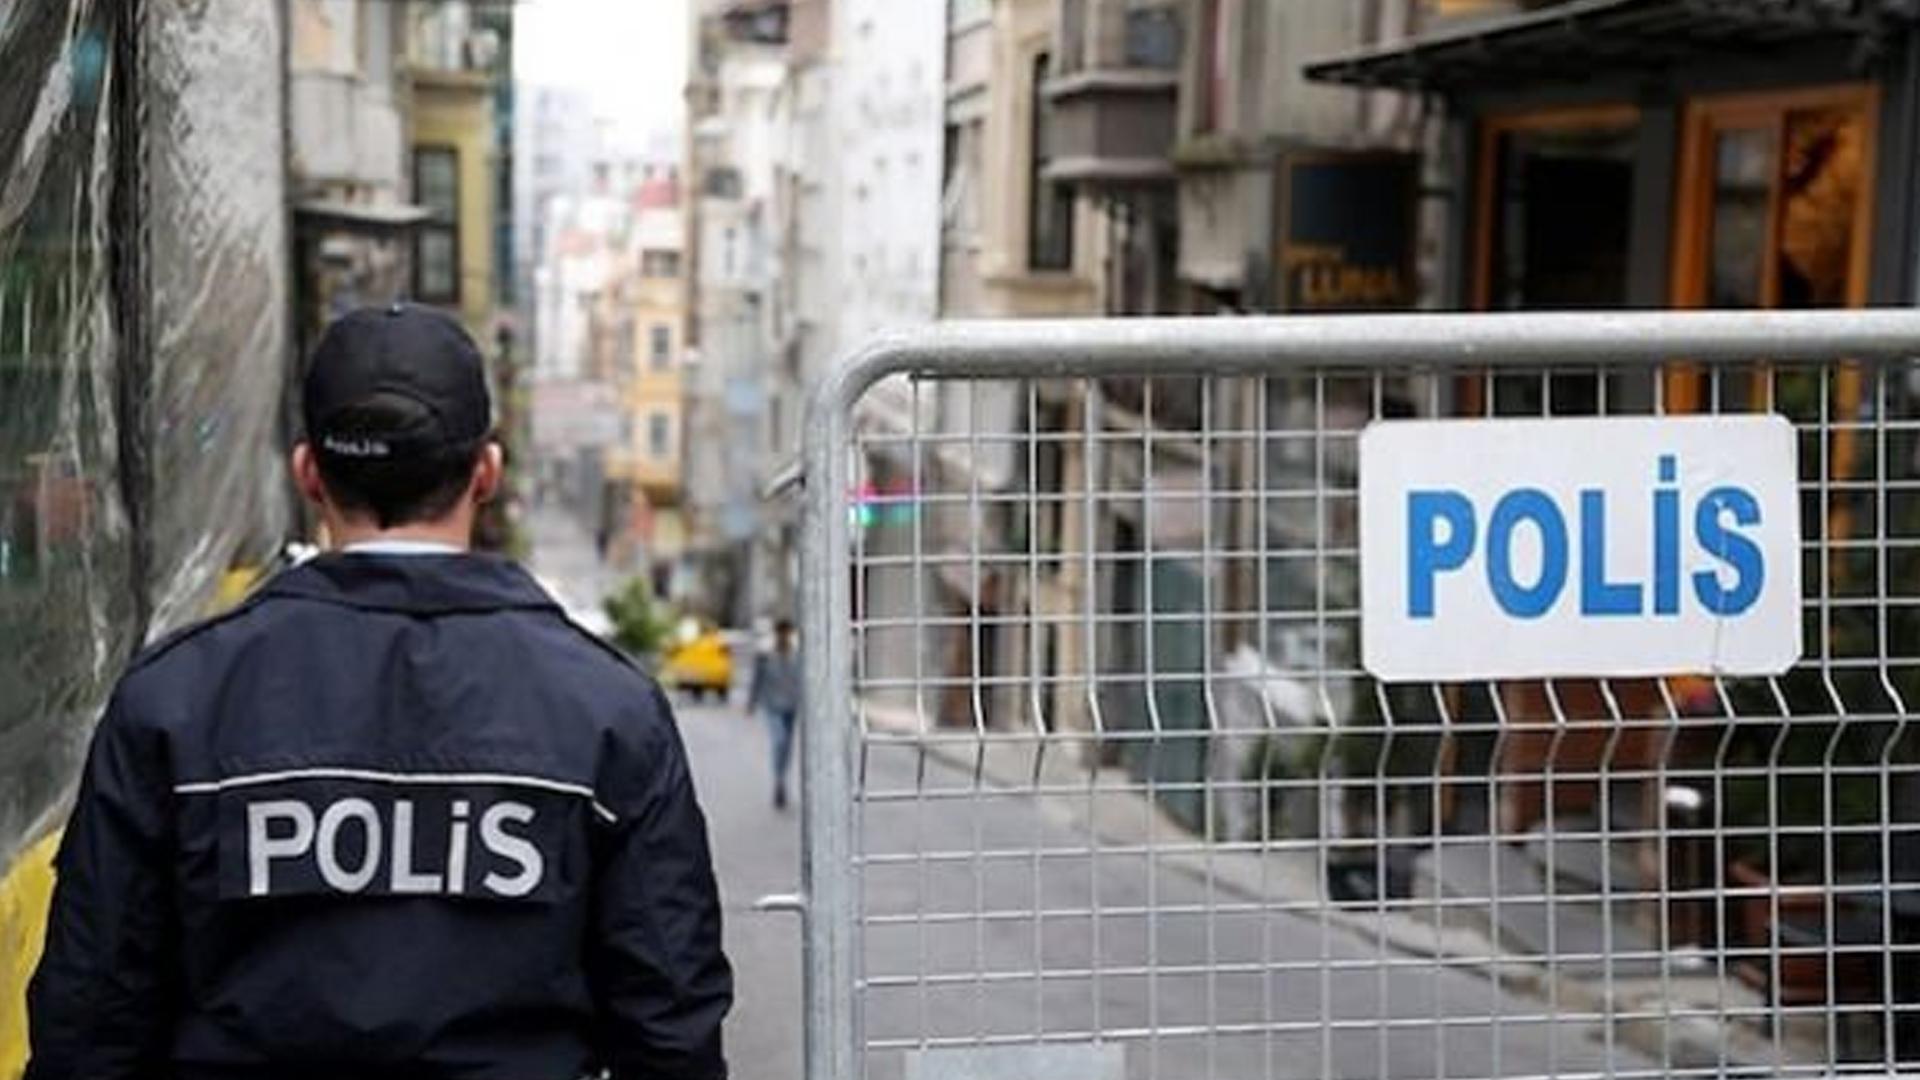 Şırnak'ta eylem ve etkinlikler 15 gün süreyle yasaklandı